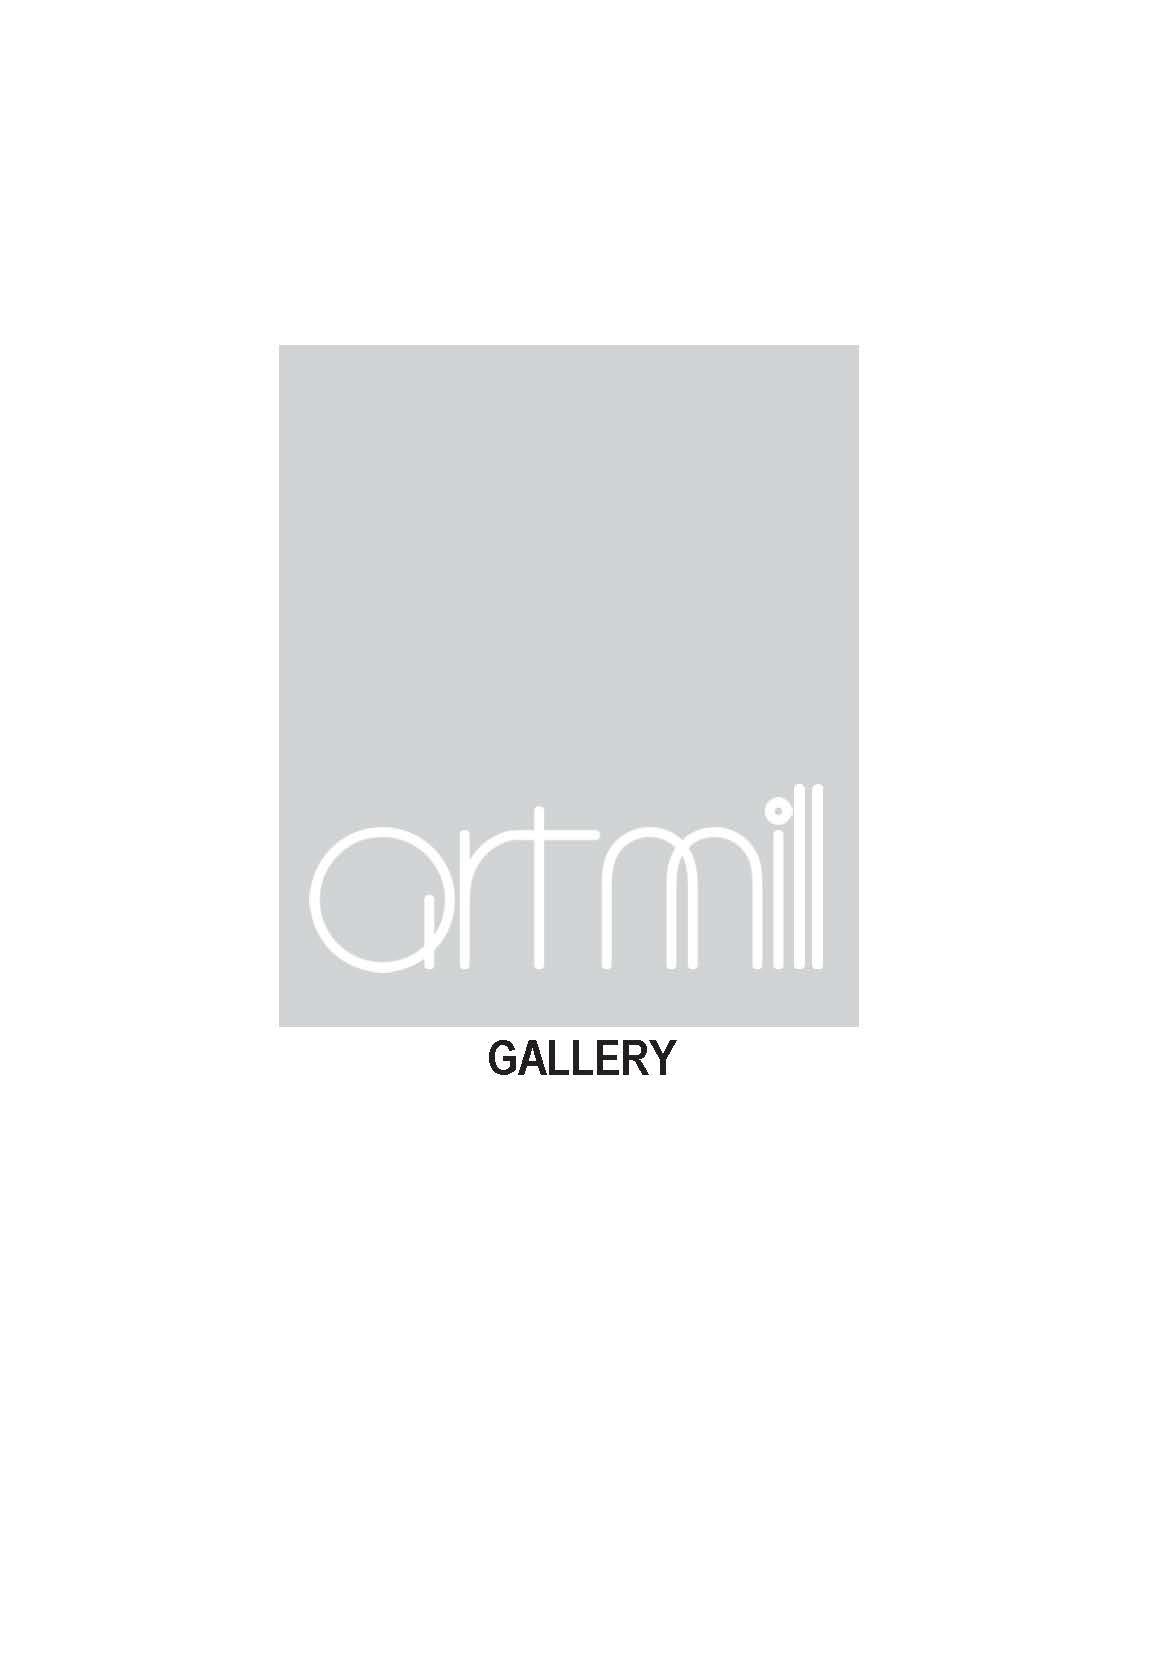 Artmill Gallery